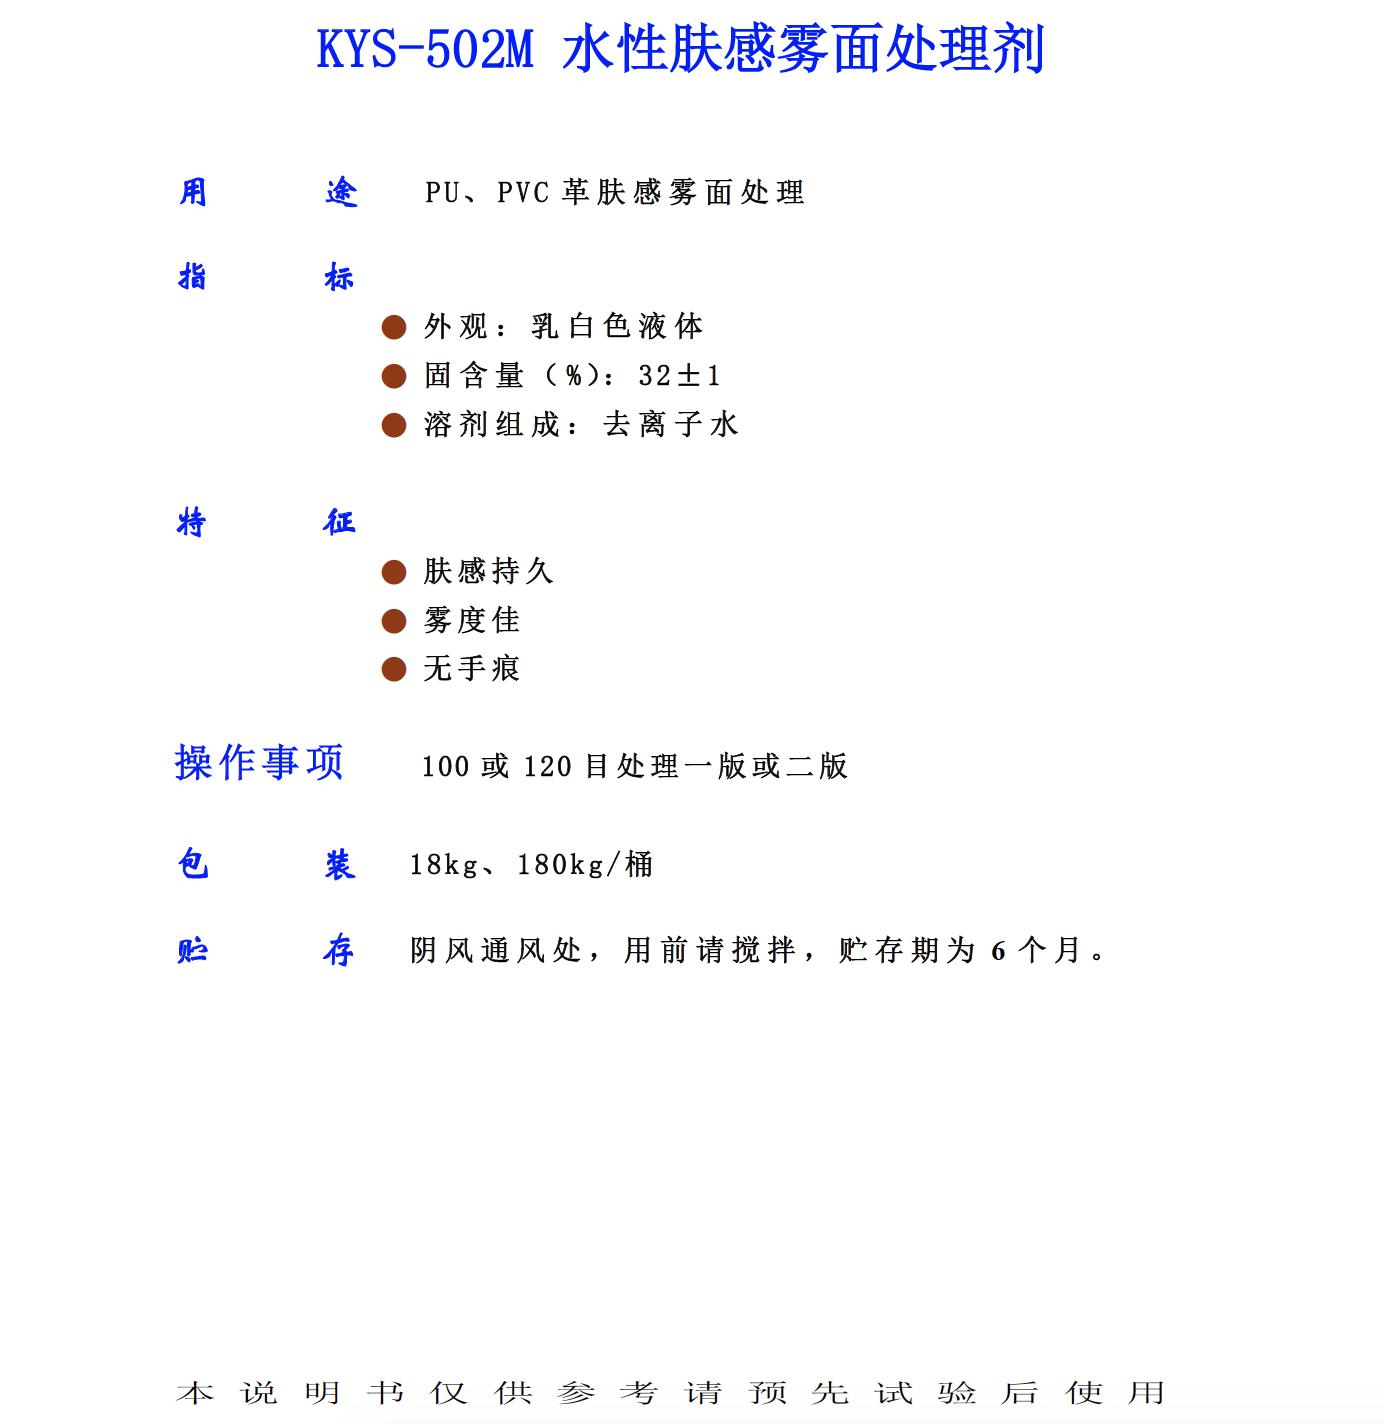 KYS 502M 水性肤感雾面处理剂